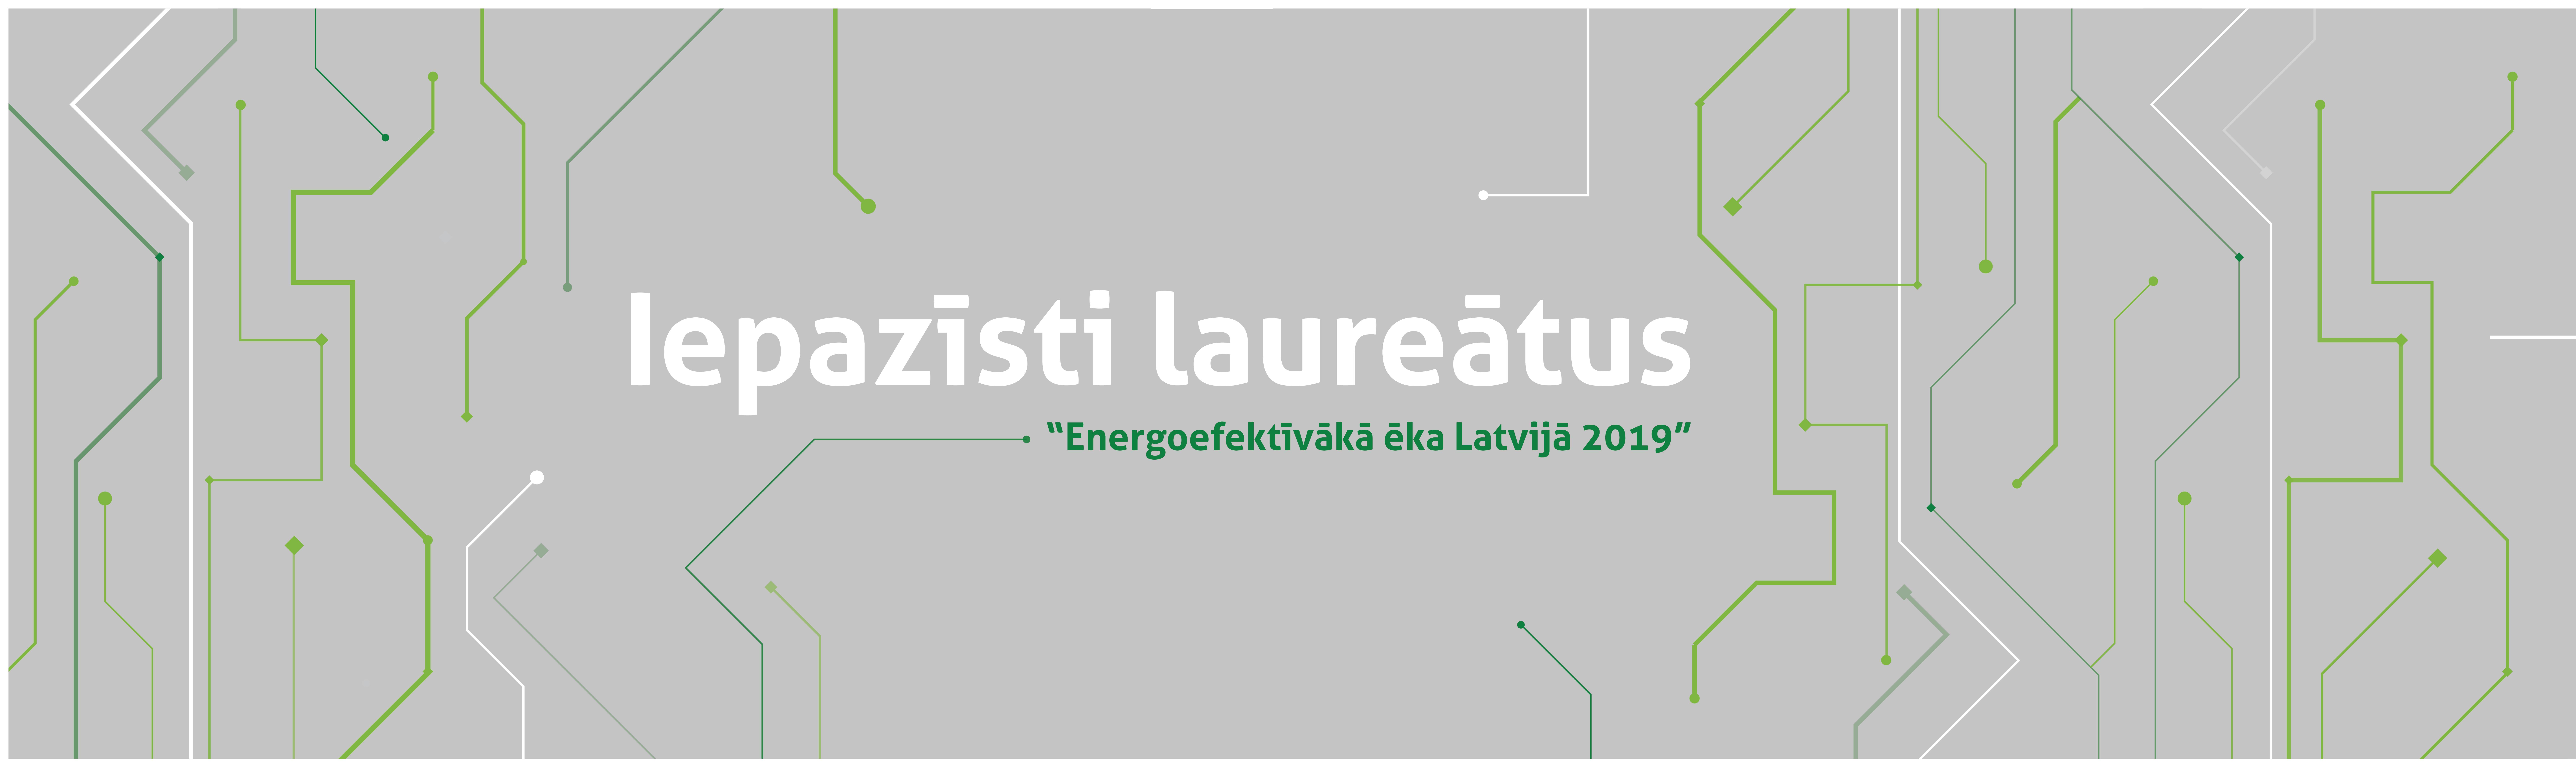 laureati-2019